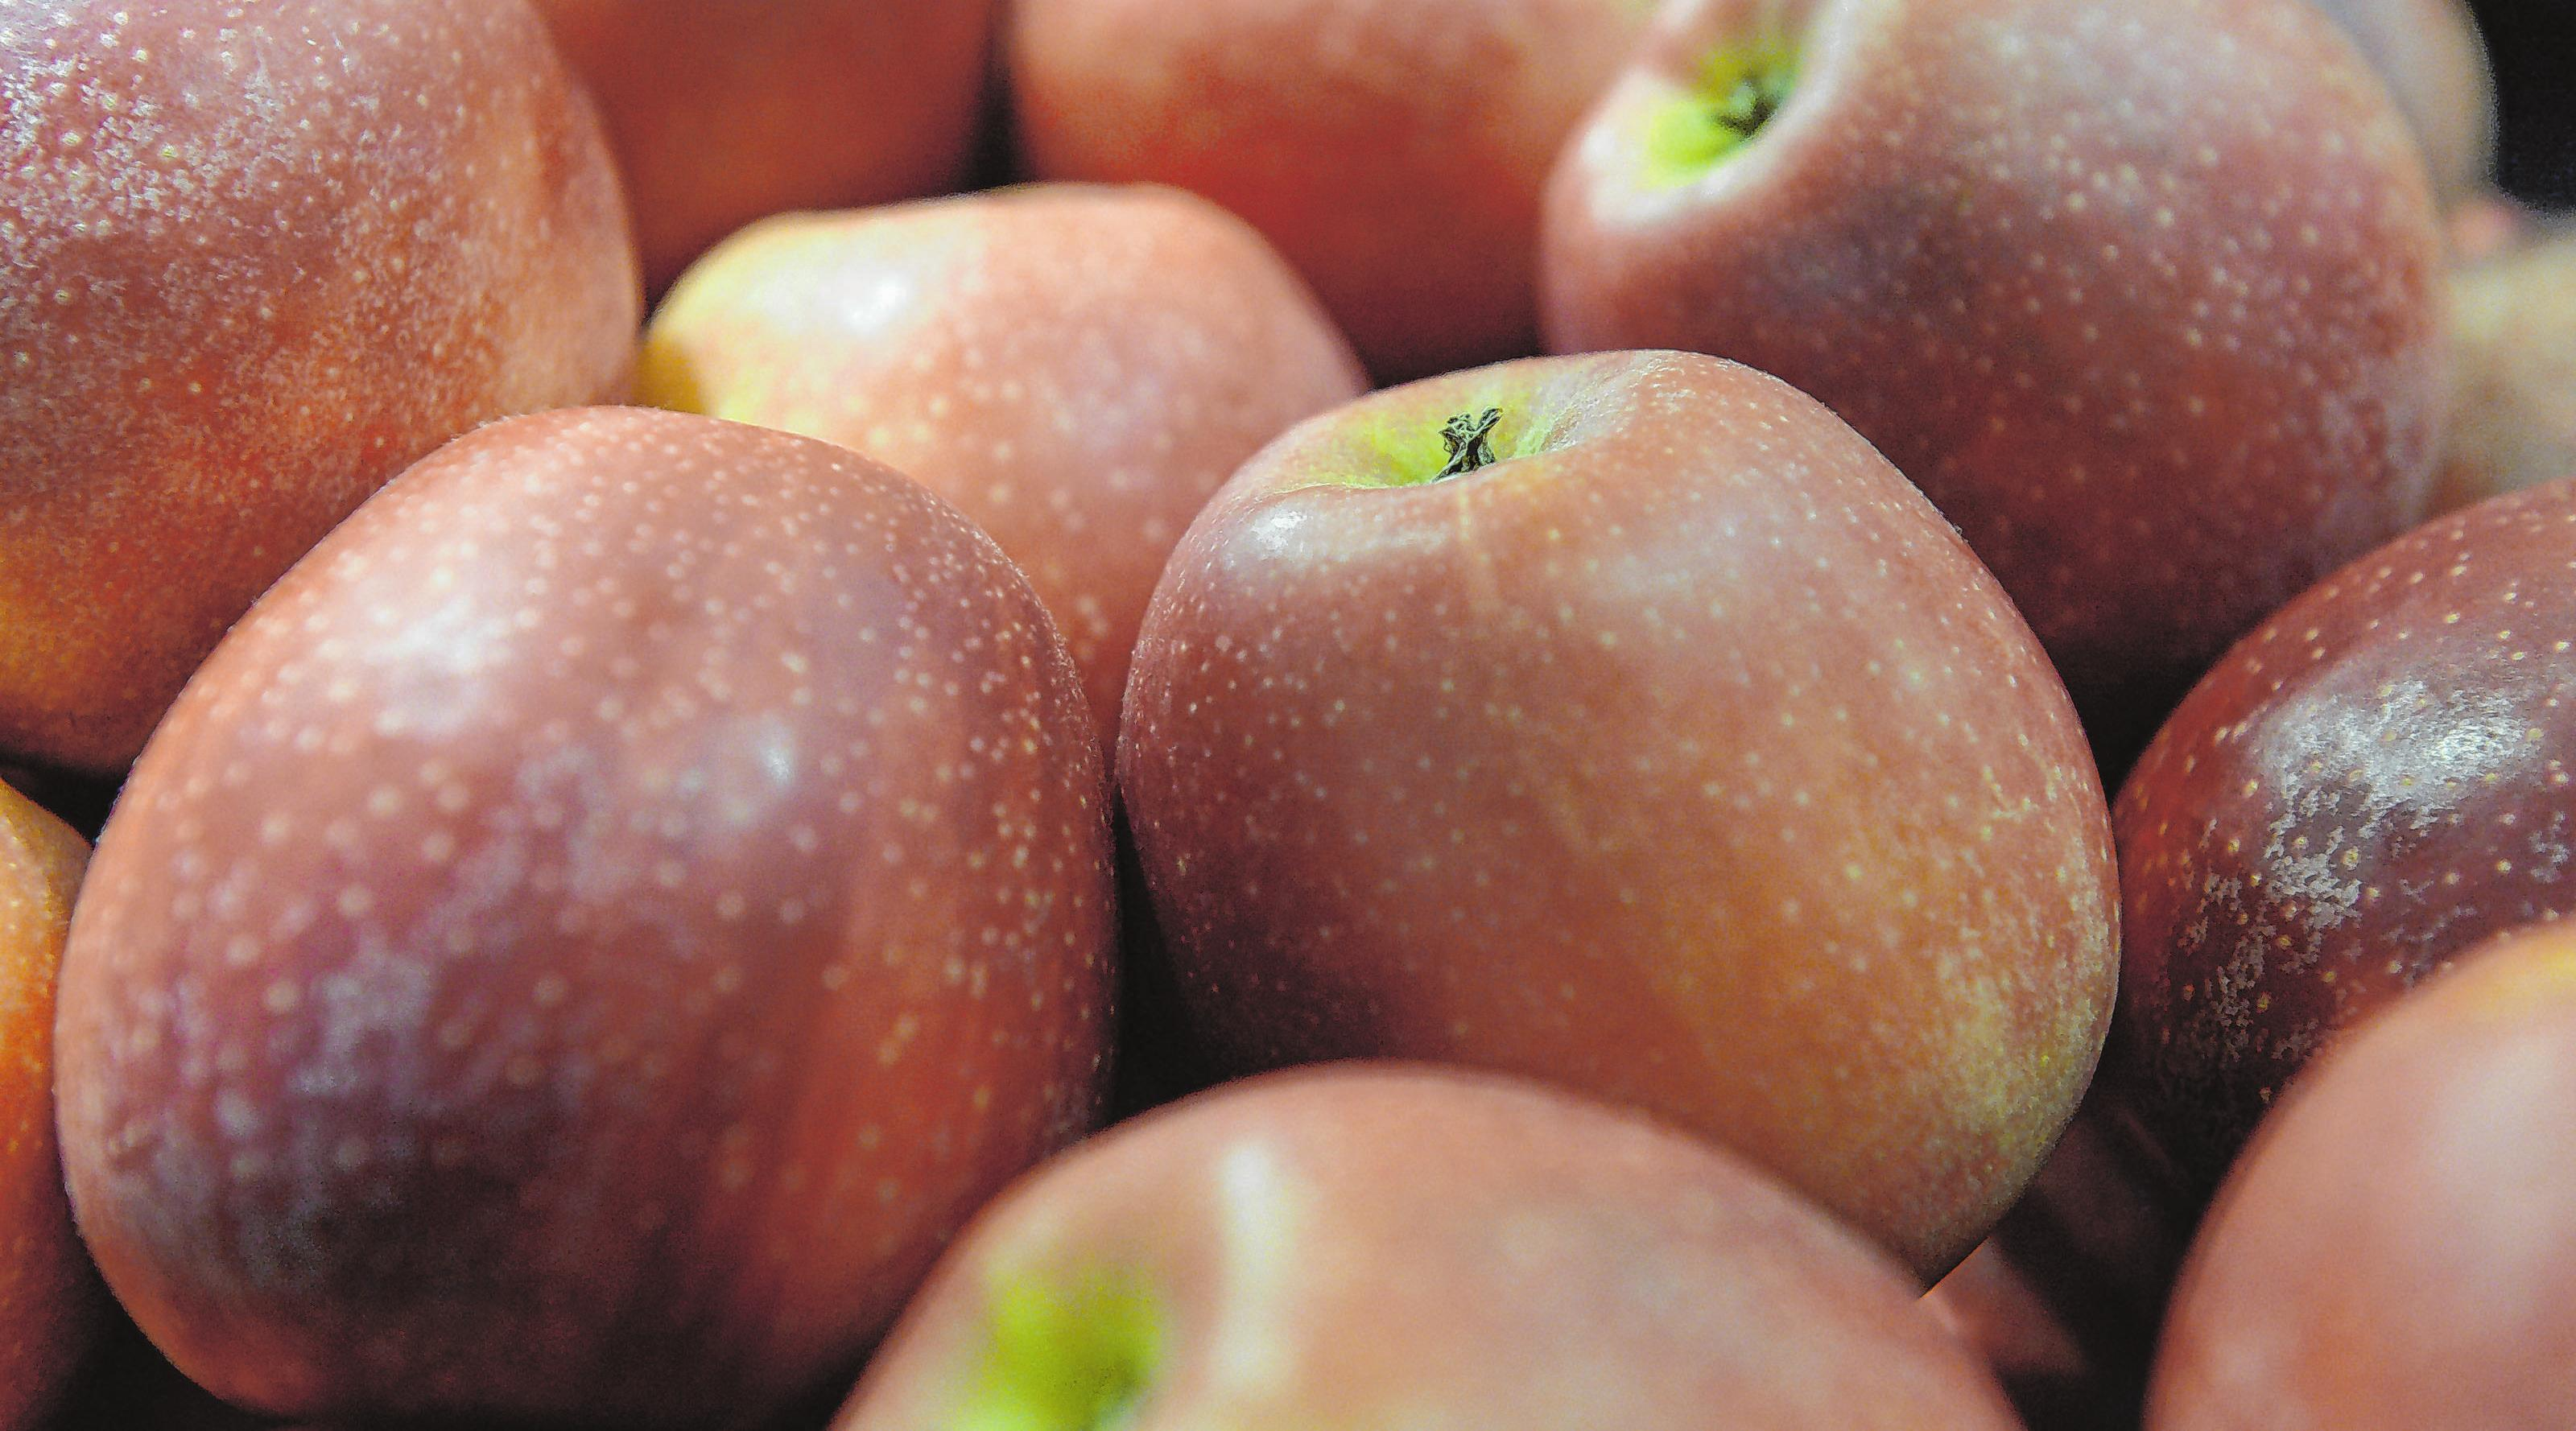 Äpfel werden von den Brandenburgern gern und häufig gegessen. Am besten sind natürlich Früchte aus regionaler Produktion. Foto: Andrea Warnecke/dpa-mag